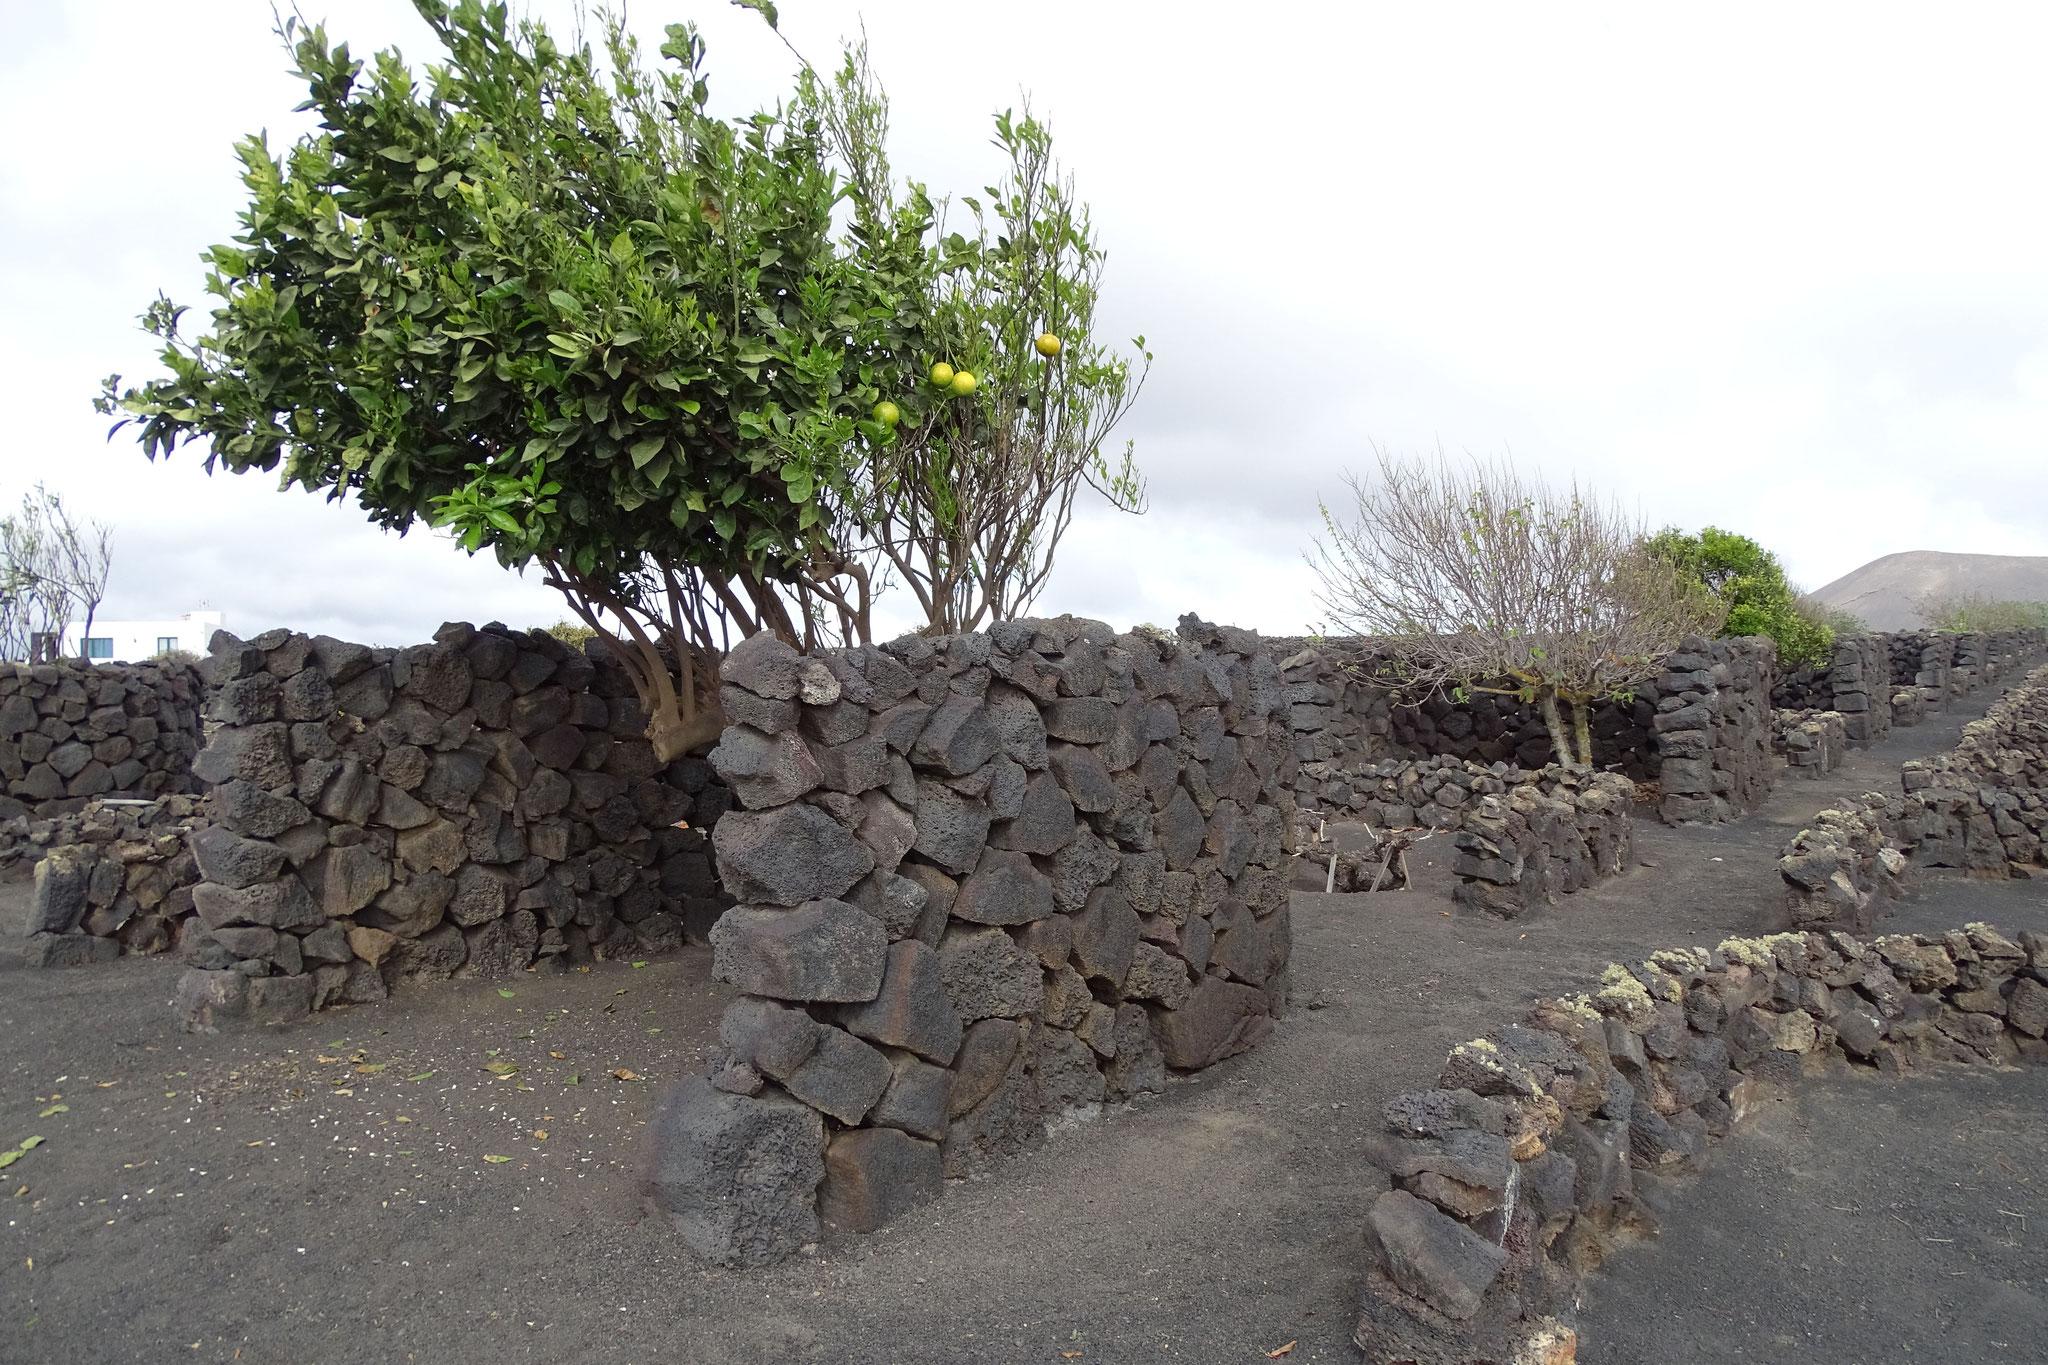 Es gibt einen recht intensiven Wein- und Obstanbau, wobei Weinstöcke und Bäume durch Lavasteinmauern vor dem Wind geschützt sind